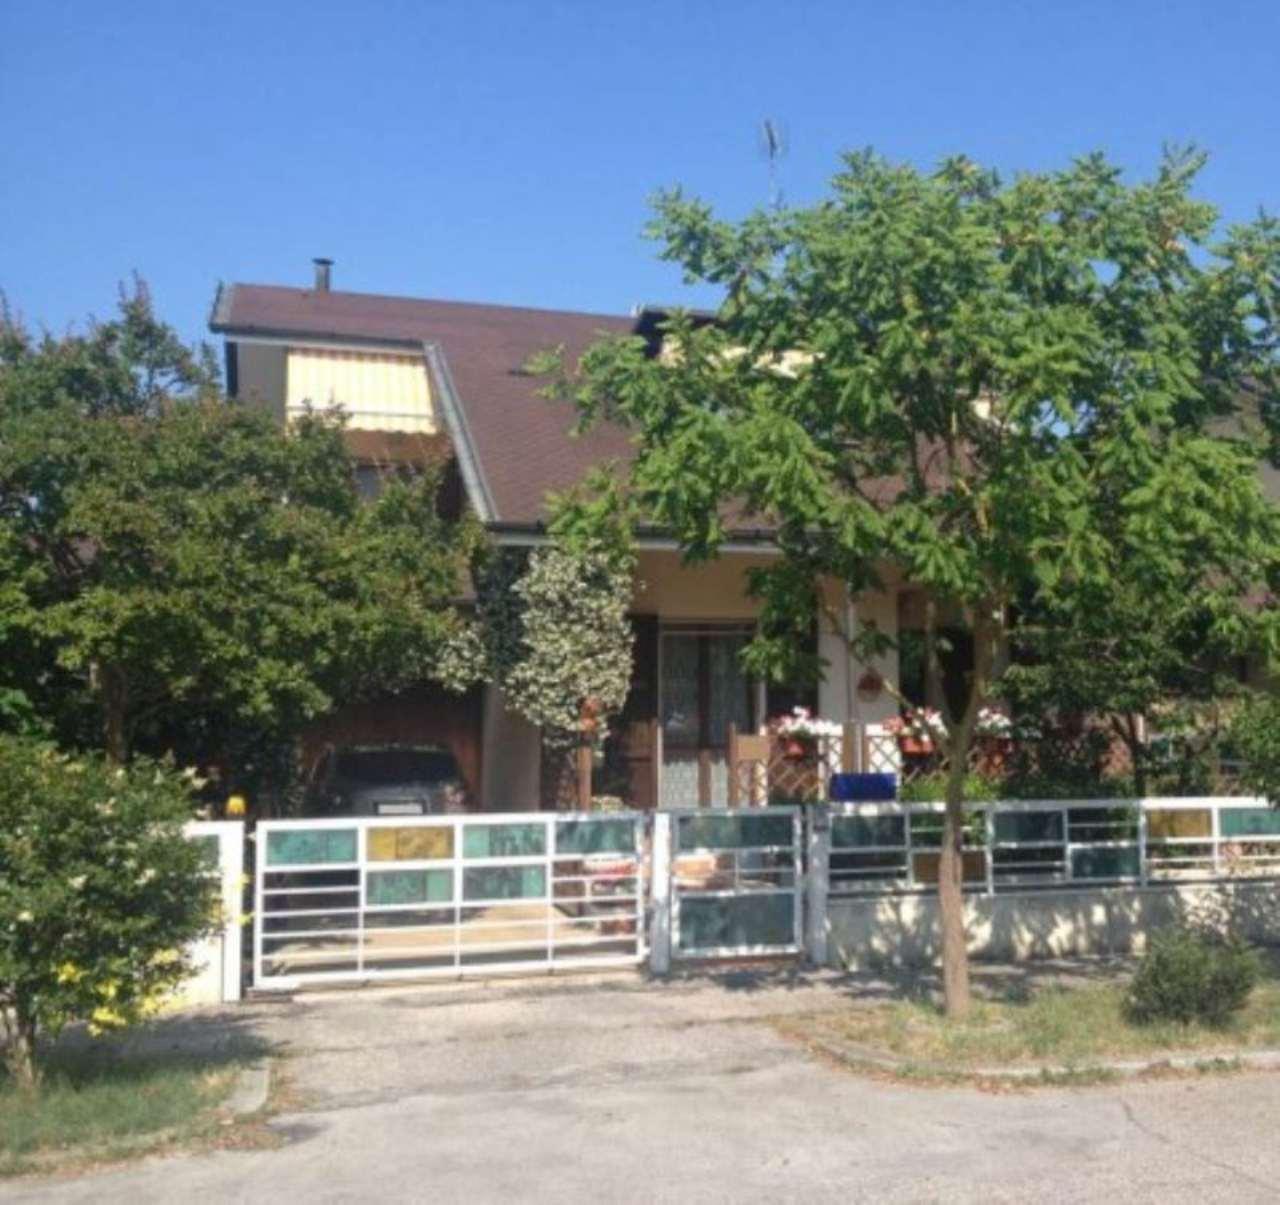 Villa in vendita a Ravenna, 6 locali, prezzo € 465.000 | Cambio Casa.it